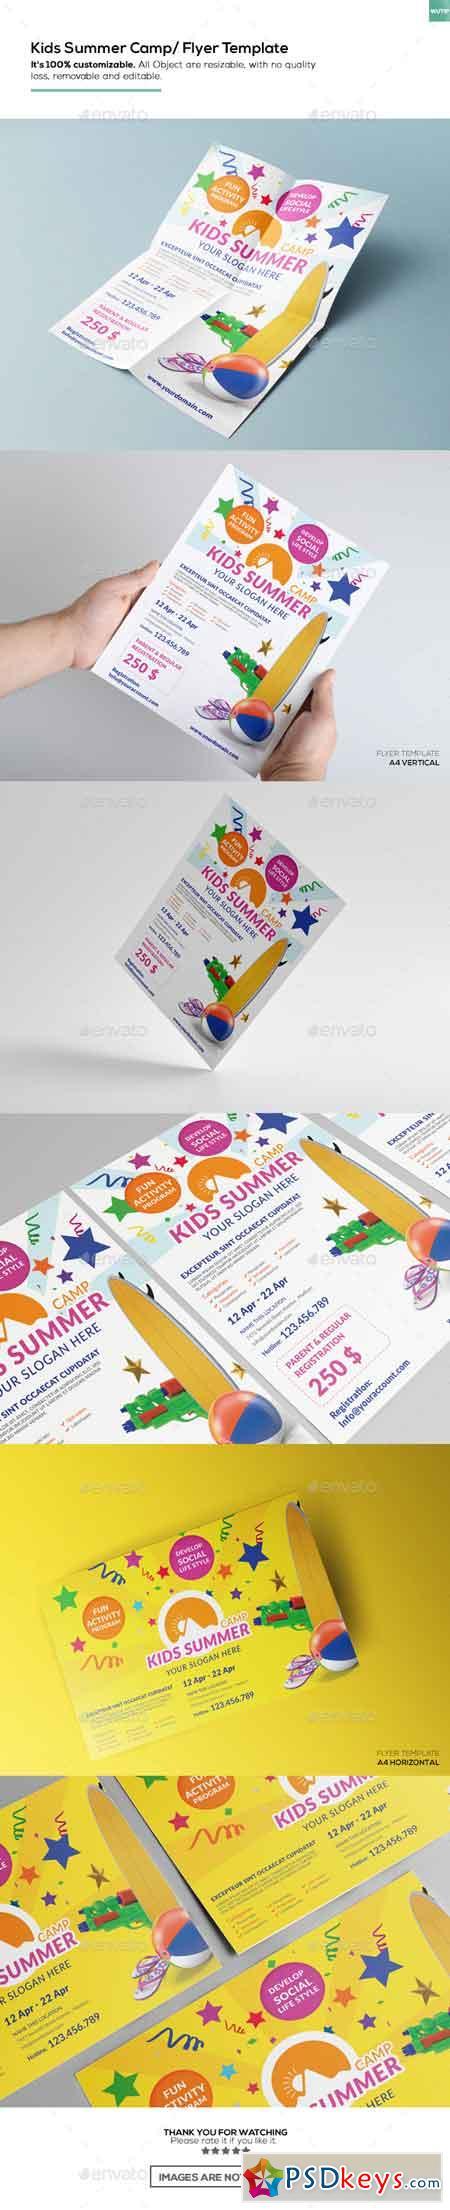 Kids Summer Camp Flyer Template 15774758